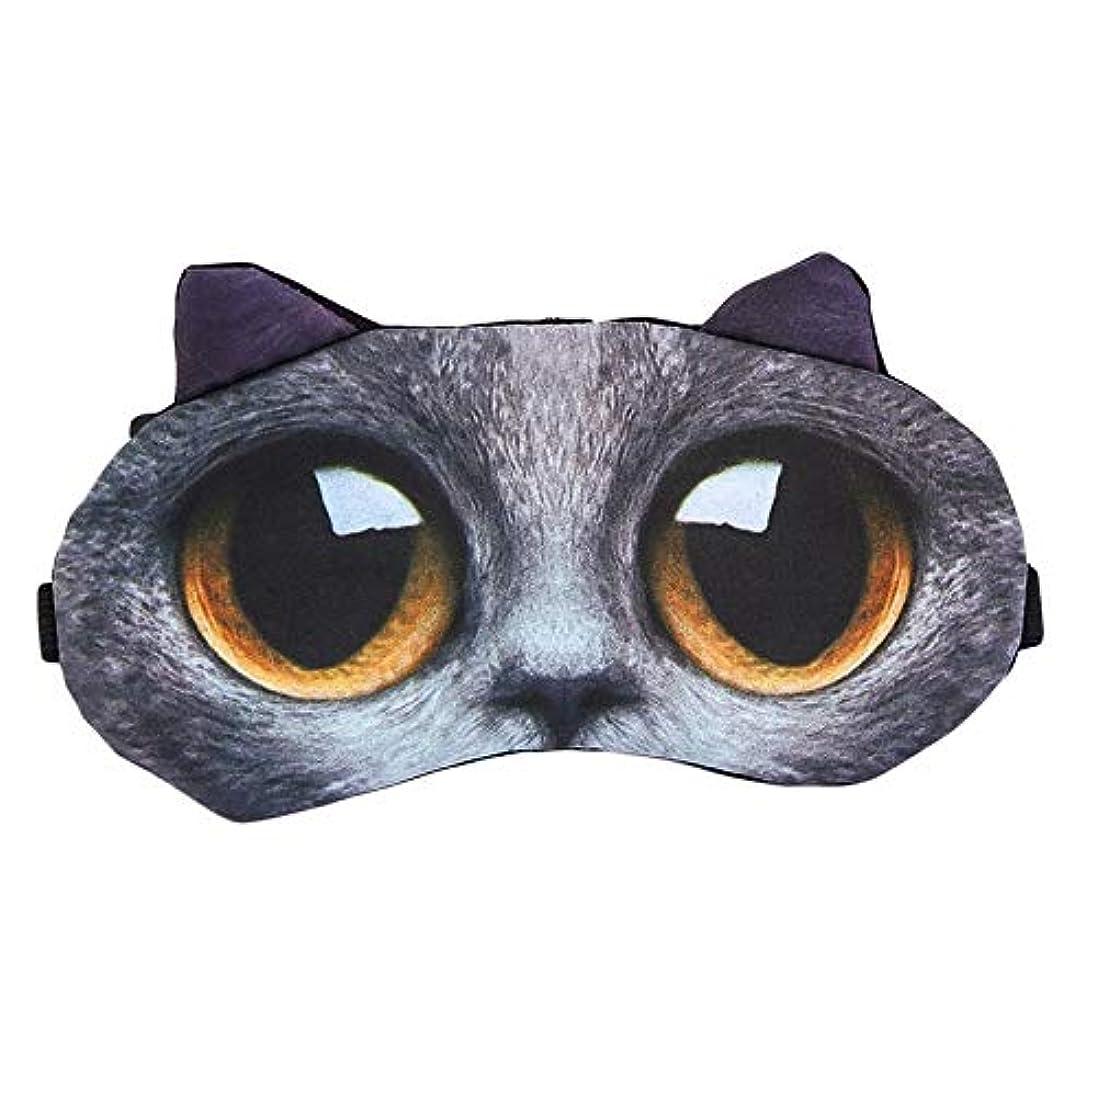 ボトルネックずんぐりした傑出したNOTE 3d漫画の動物のアイマスクかわいい旅行エイド睡眠残りシェード睡眠マスクカバーソフト睡眠マスク援助ナップシェードメイクアップアイケア